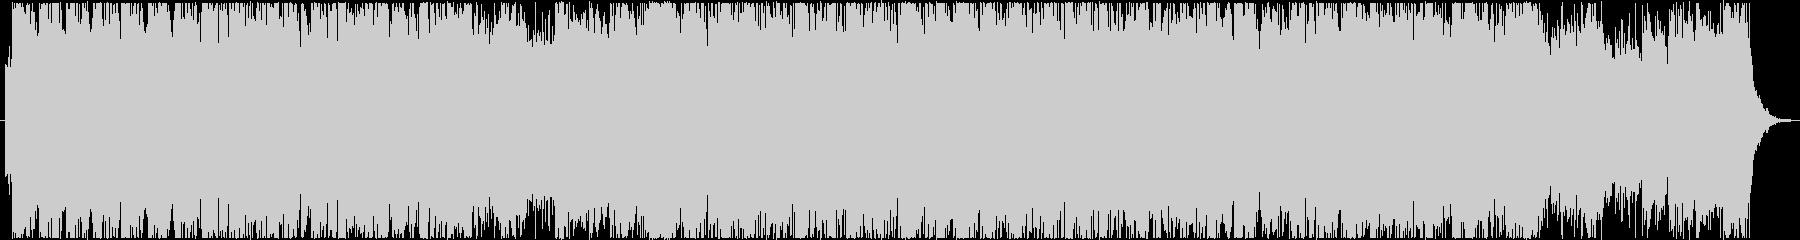 バトルフィールドBGMの未再生の波形